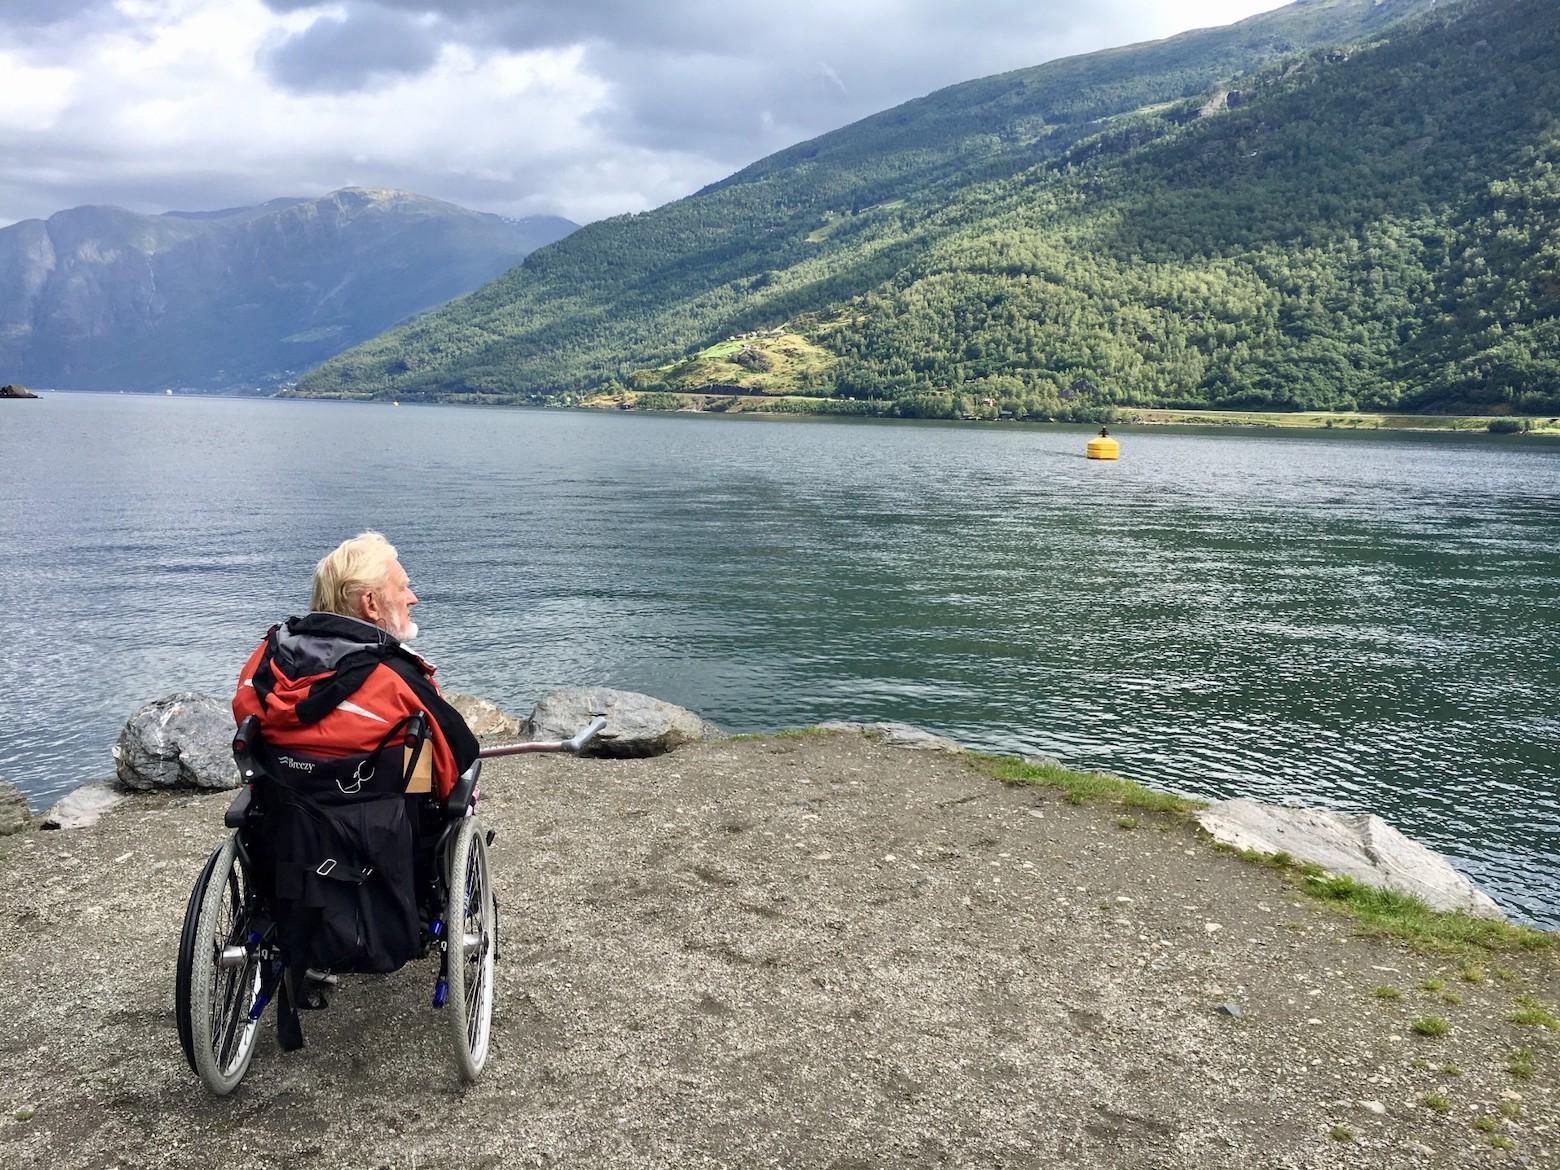 Ein weißhaariger Tourist im Rollstuhl blickt auf einen Fjord: Vergangenheit loslassen, Zukunft gestalten.